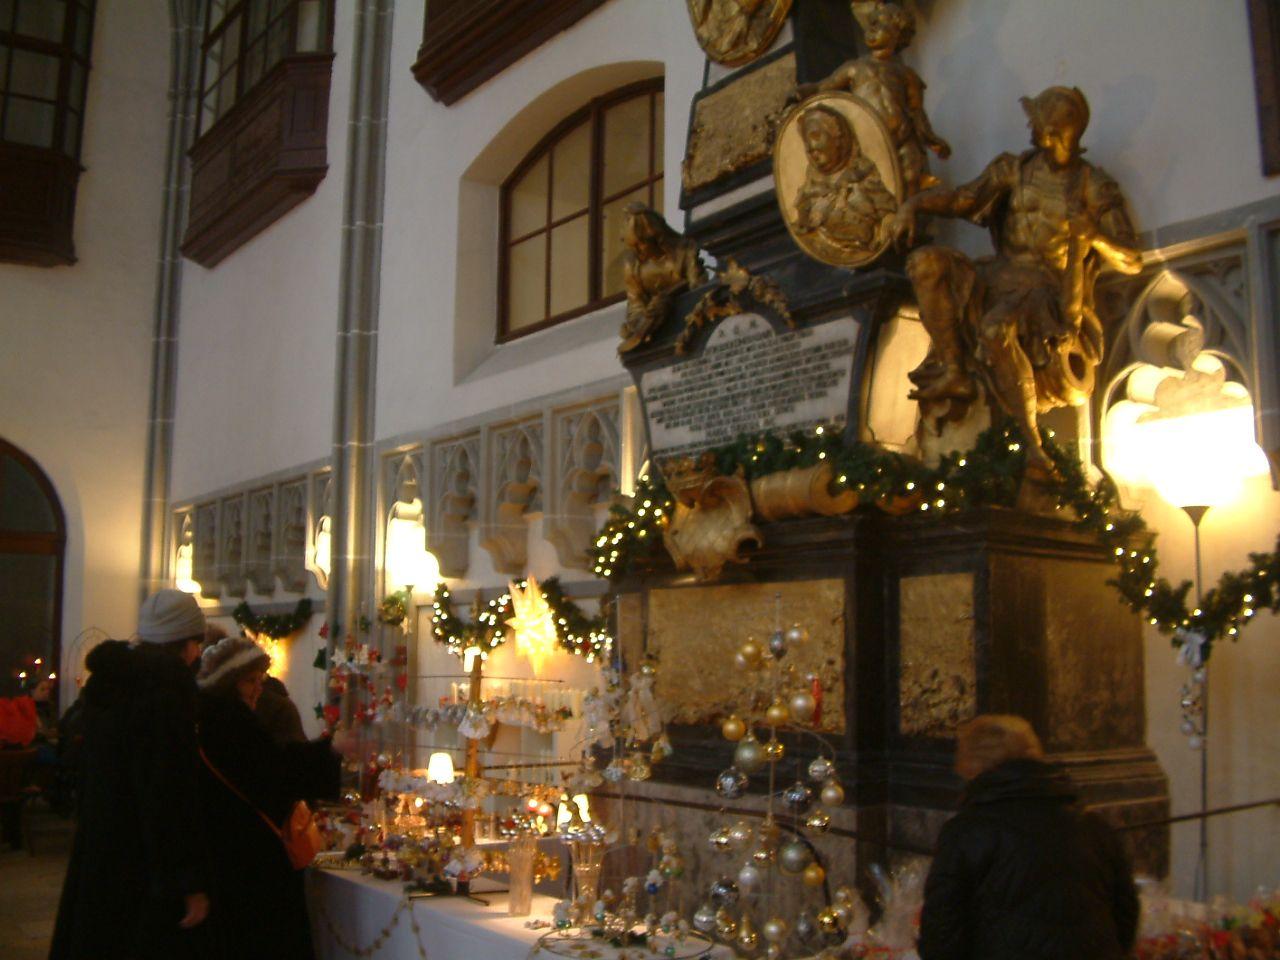 Vásár egy kápolnában (Fotó: Kéri Kata)